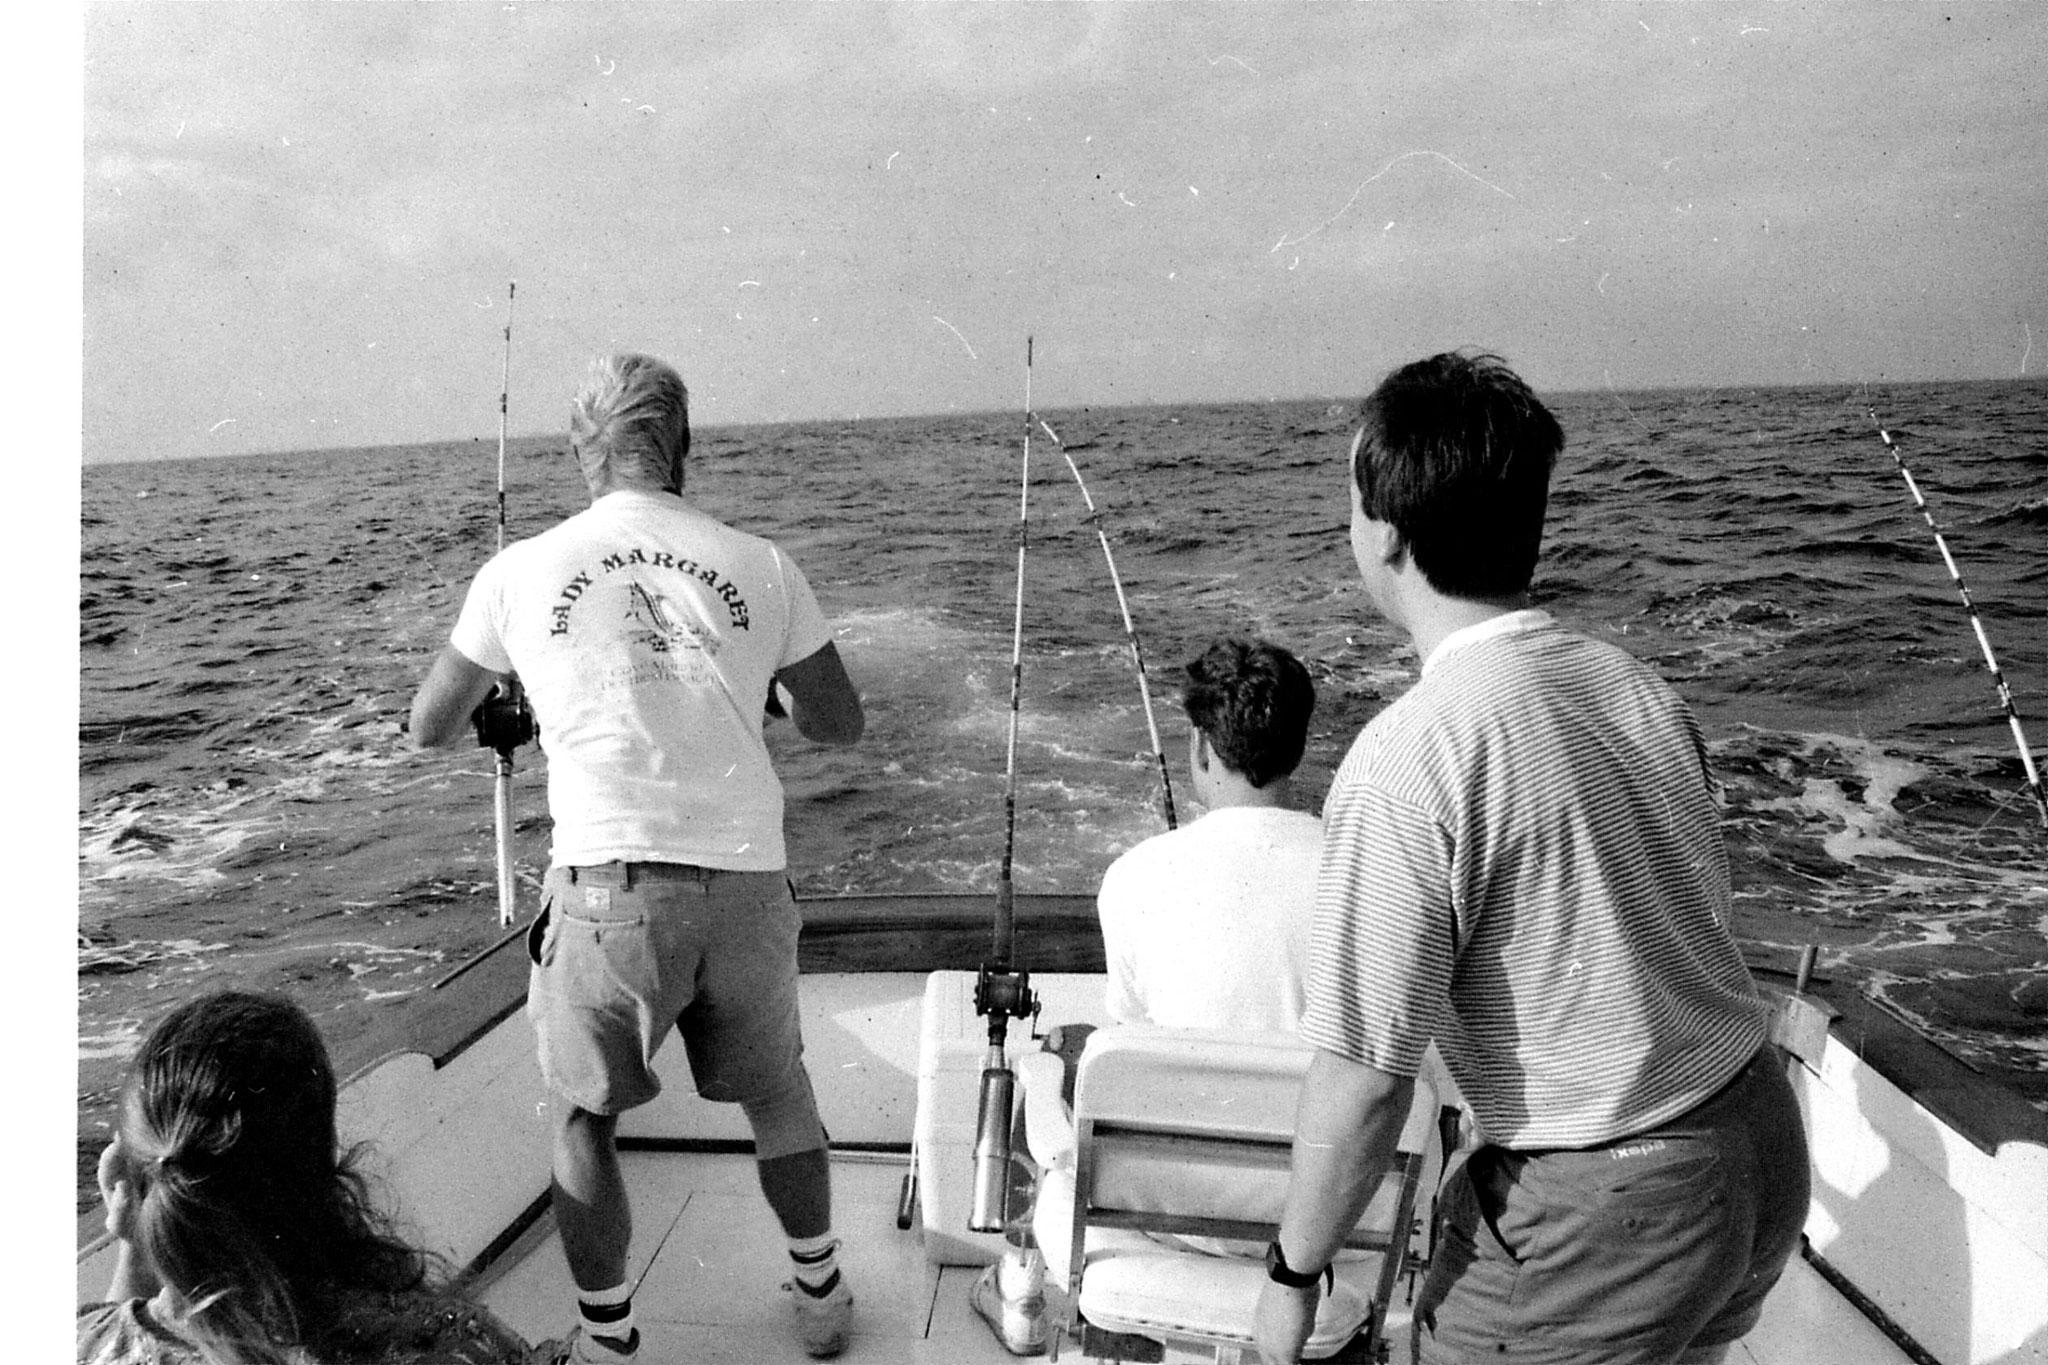 12/1990: 20: Fishinh trip